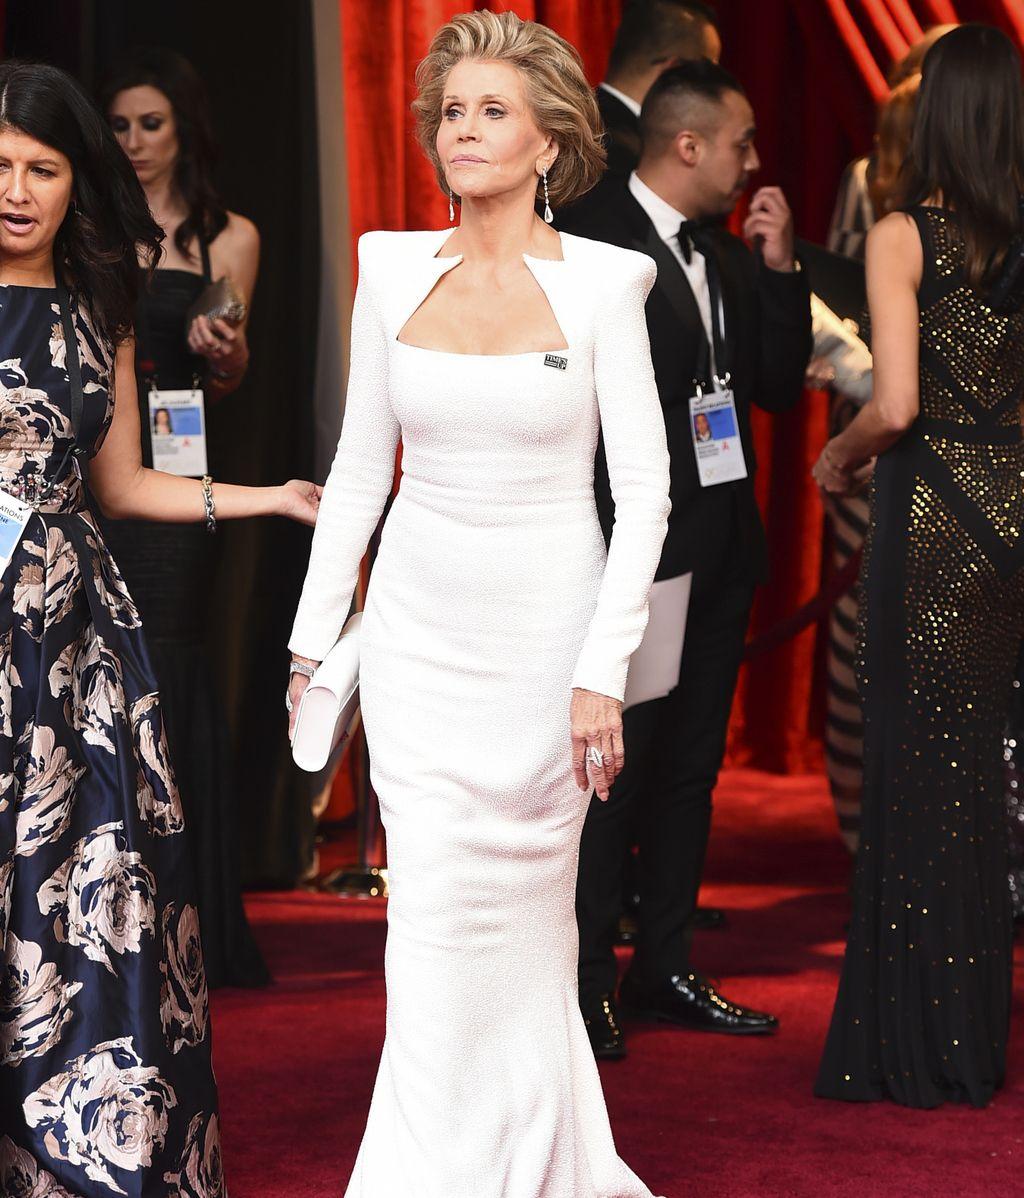 La alfombra roja de los Oscars, foto a foto